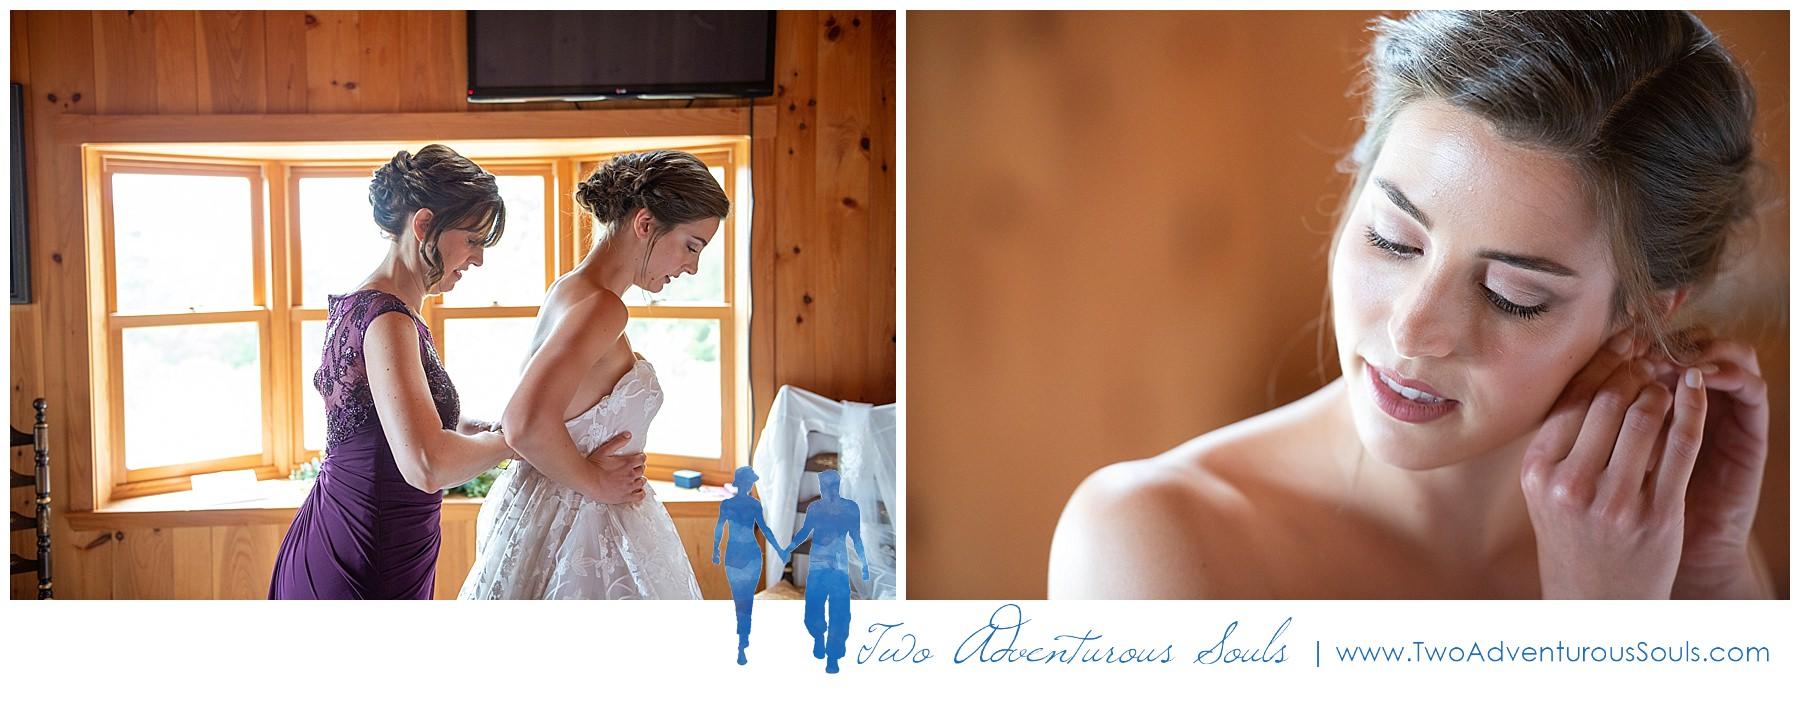 Maine Wedding Photographers, Granite Ridge Estate Wedding Photographers, Two Adventurous Souls - 080319_0011.jpg